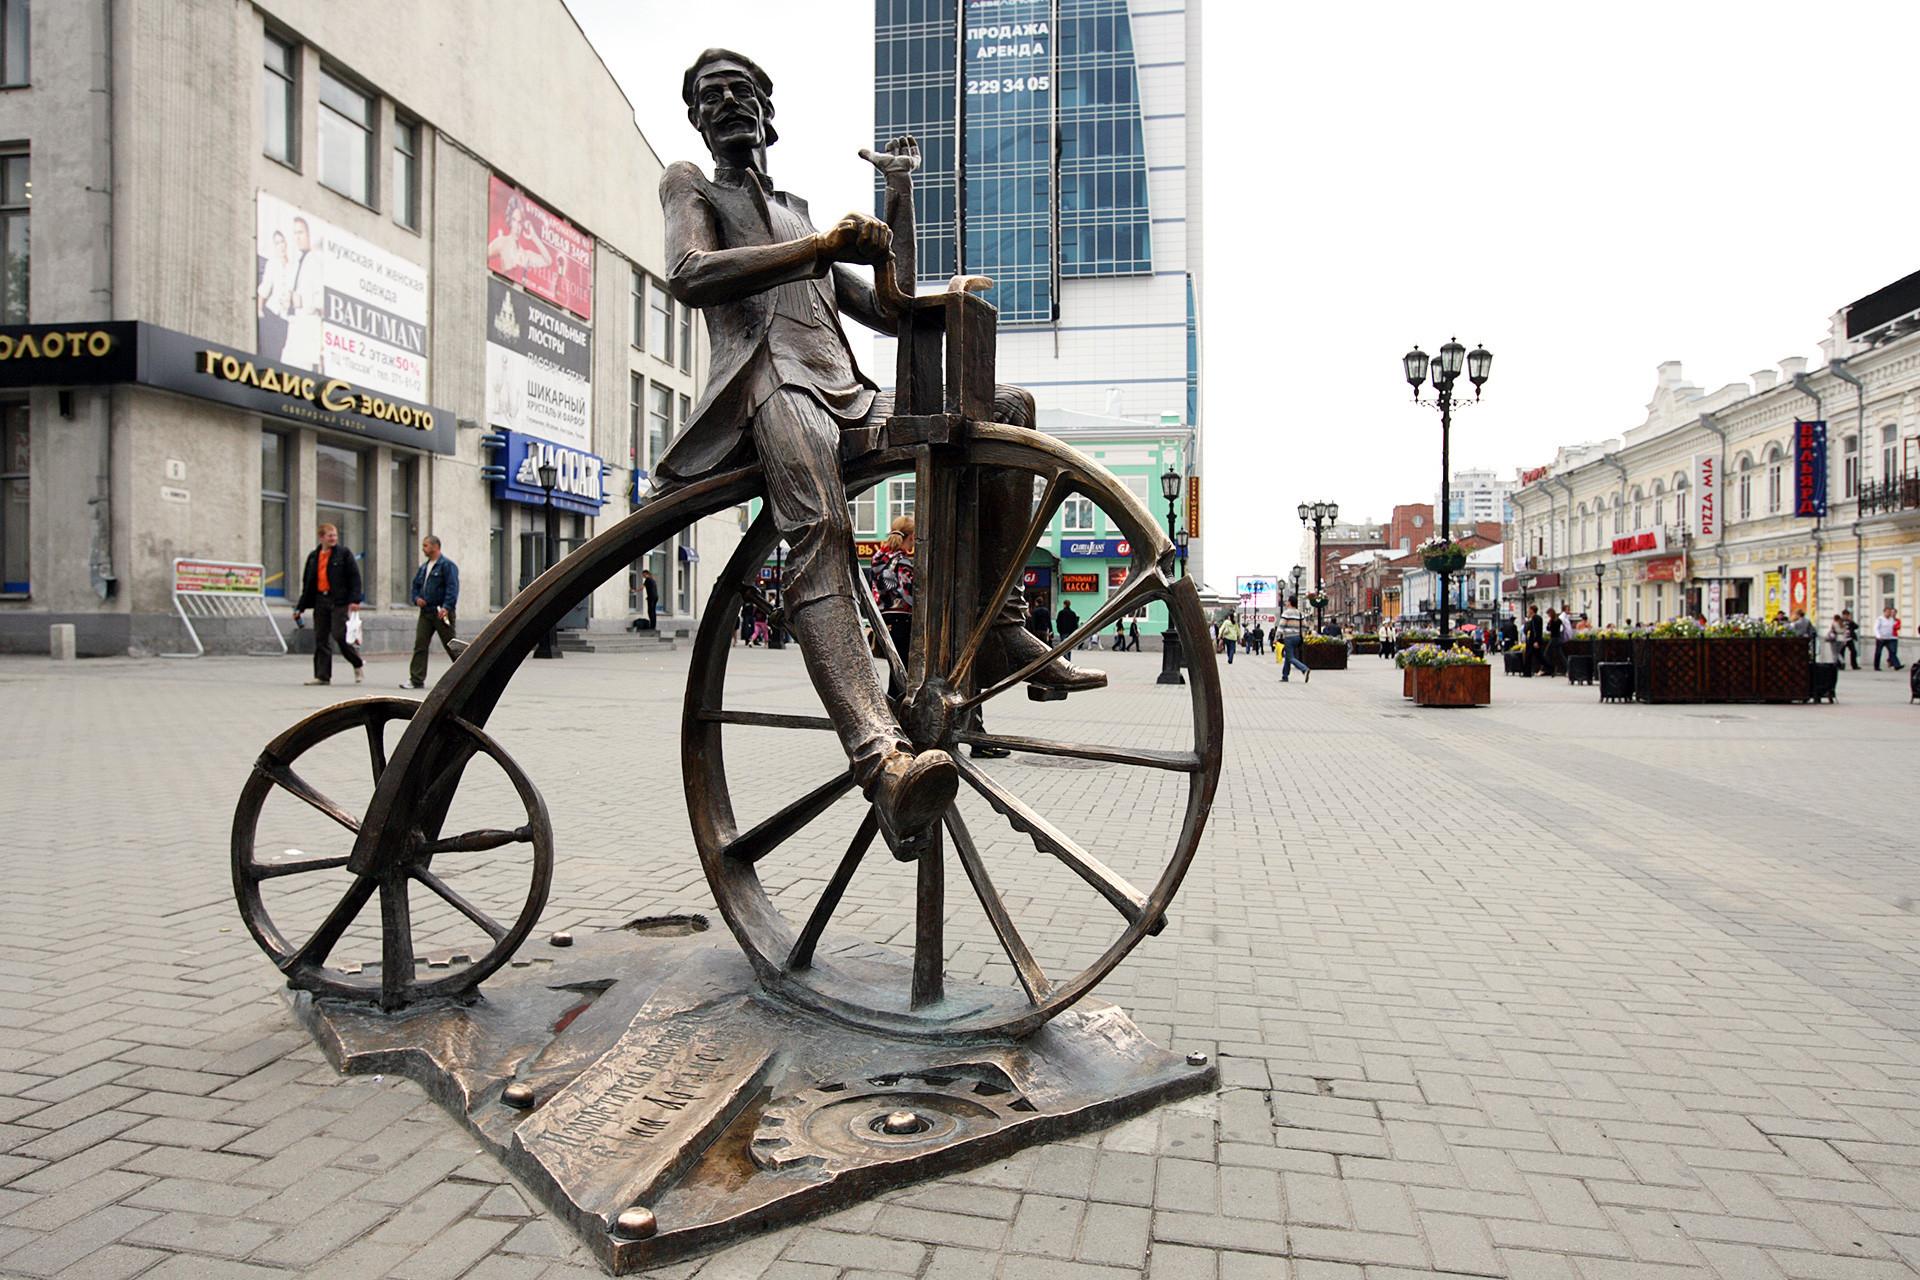 Monumento ao inventor da bicicleta Iefim Artamonov em Iekaterinbrugo